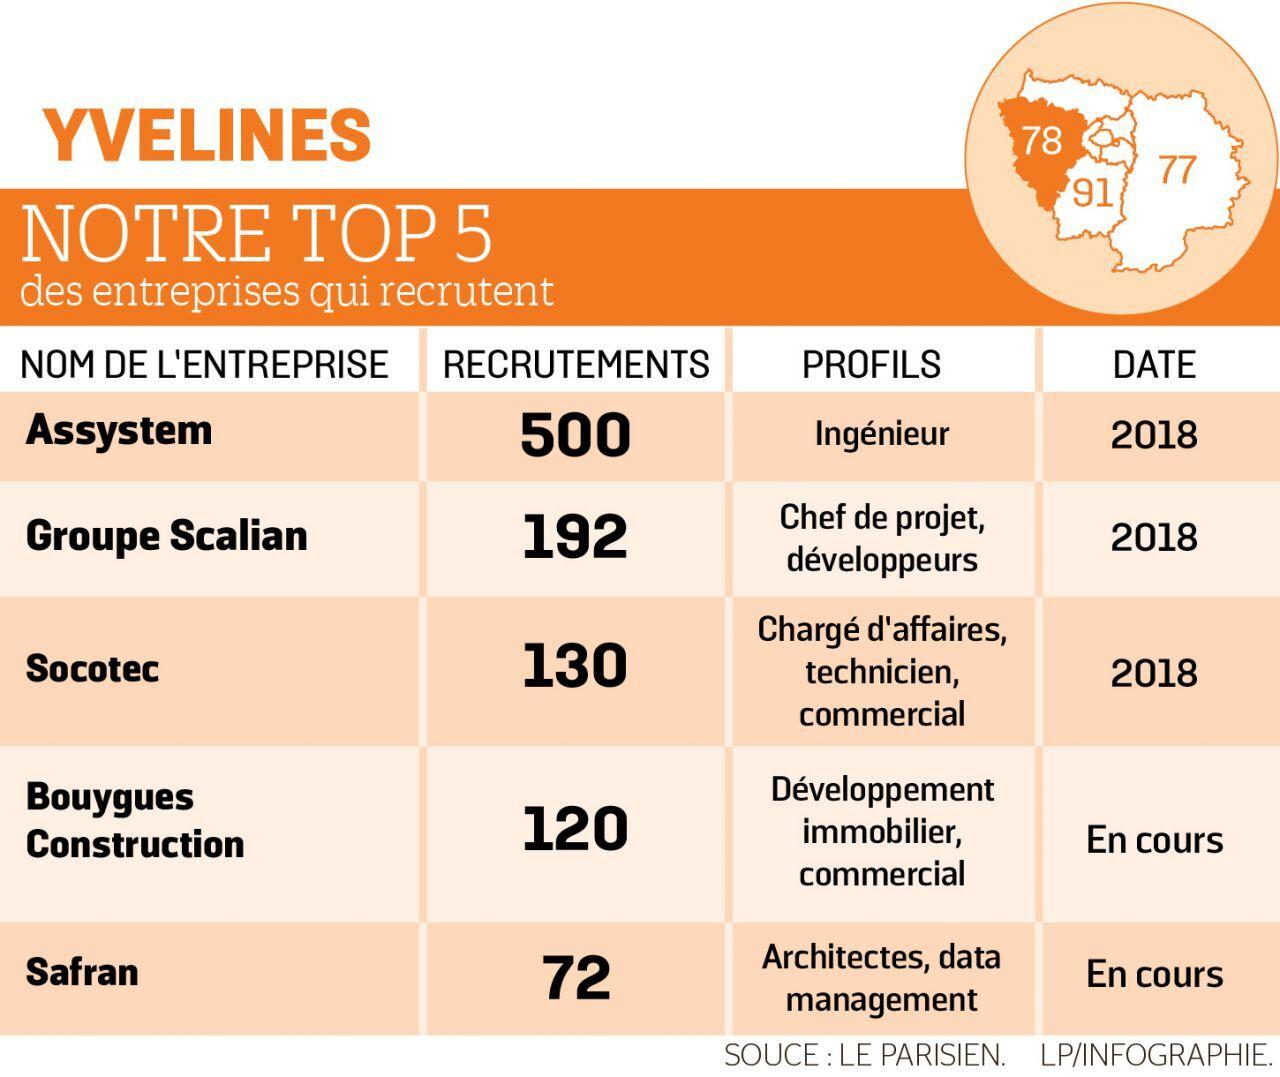 Les Secteurs Qui Recrutent Dans Les Yvelines En 2018 Le